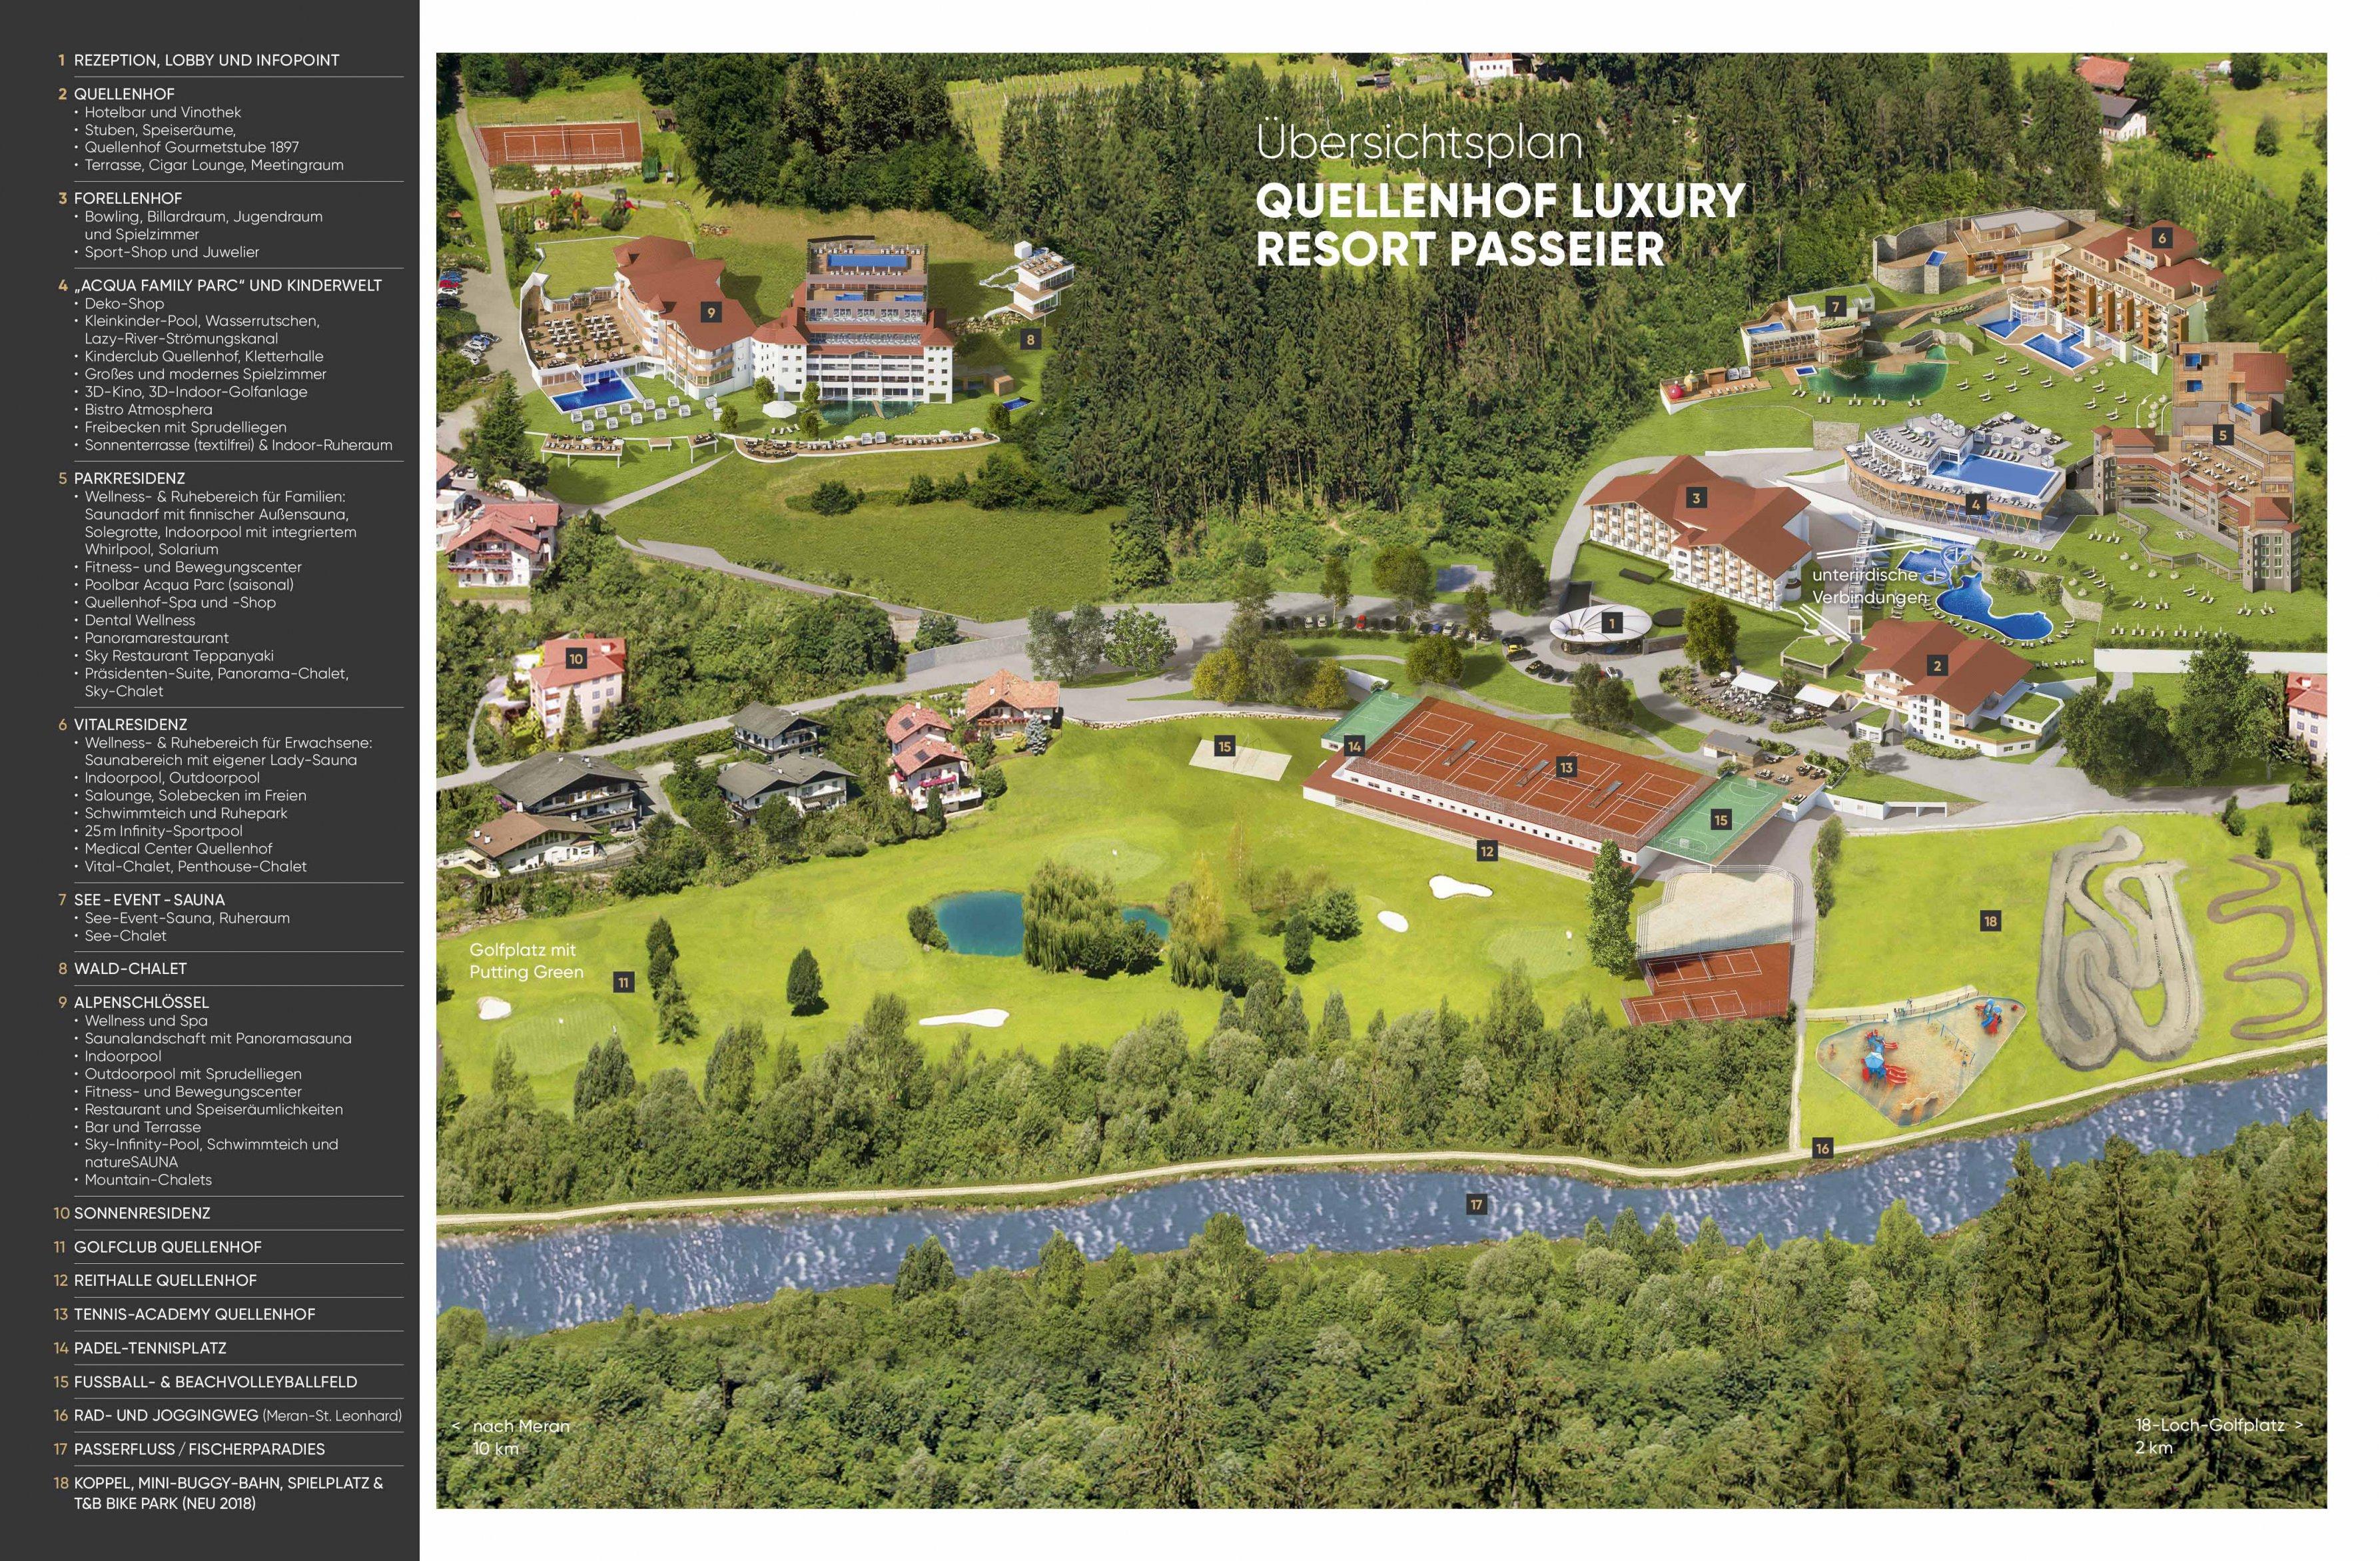 Quellenhof Resort Im überblick Quellenhof Luxury Resort Passeier